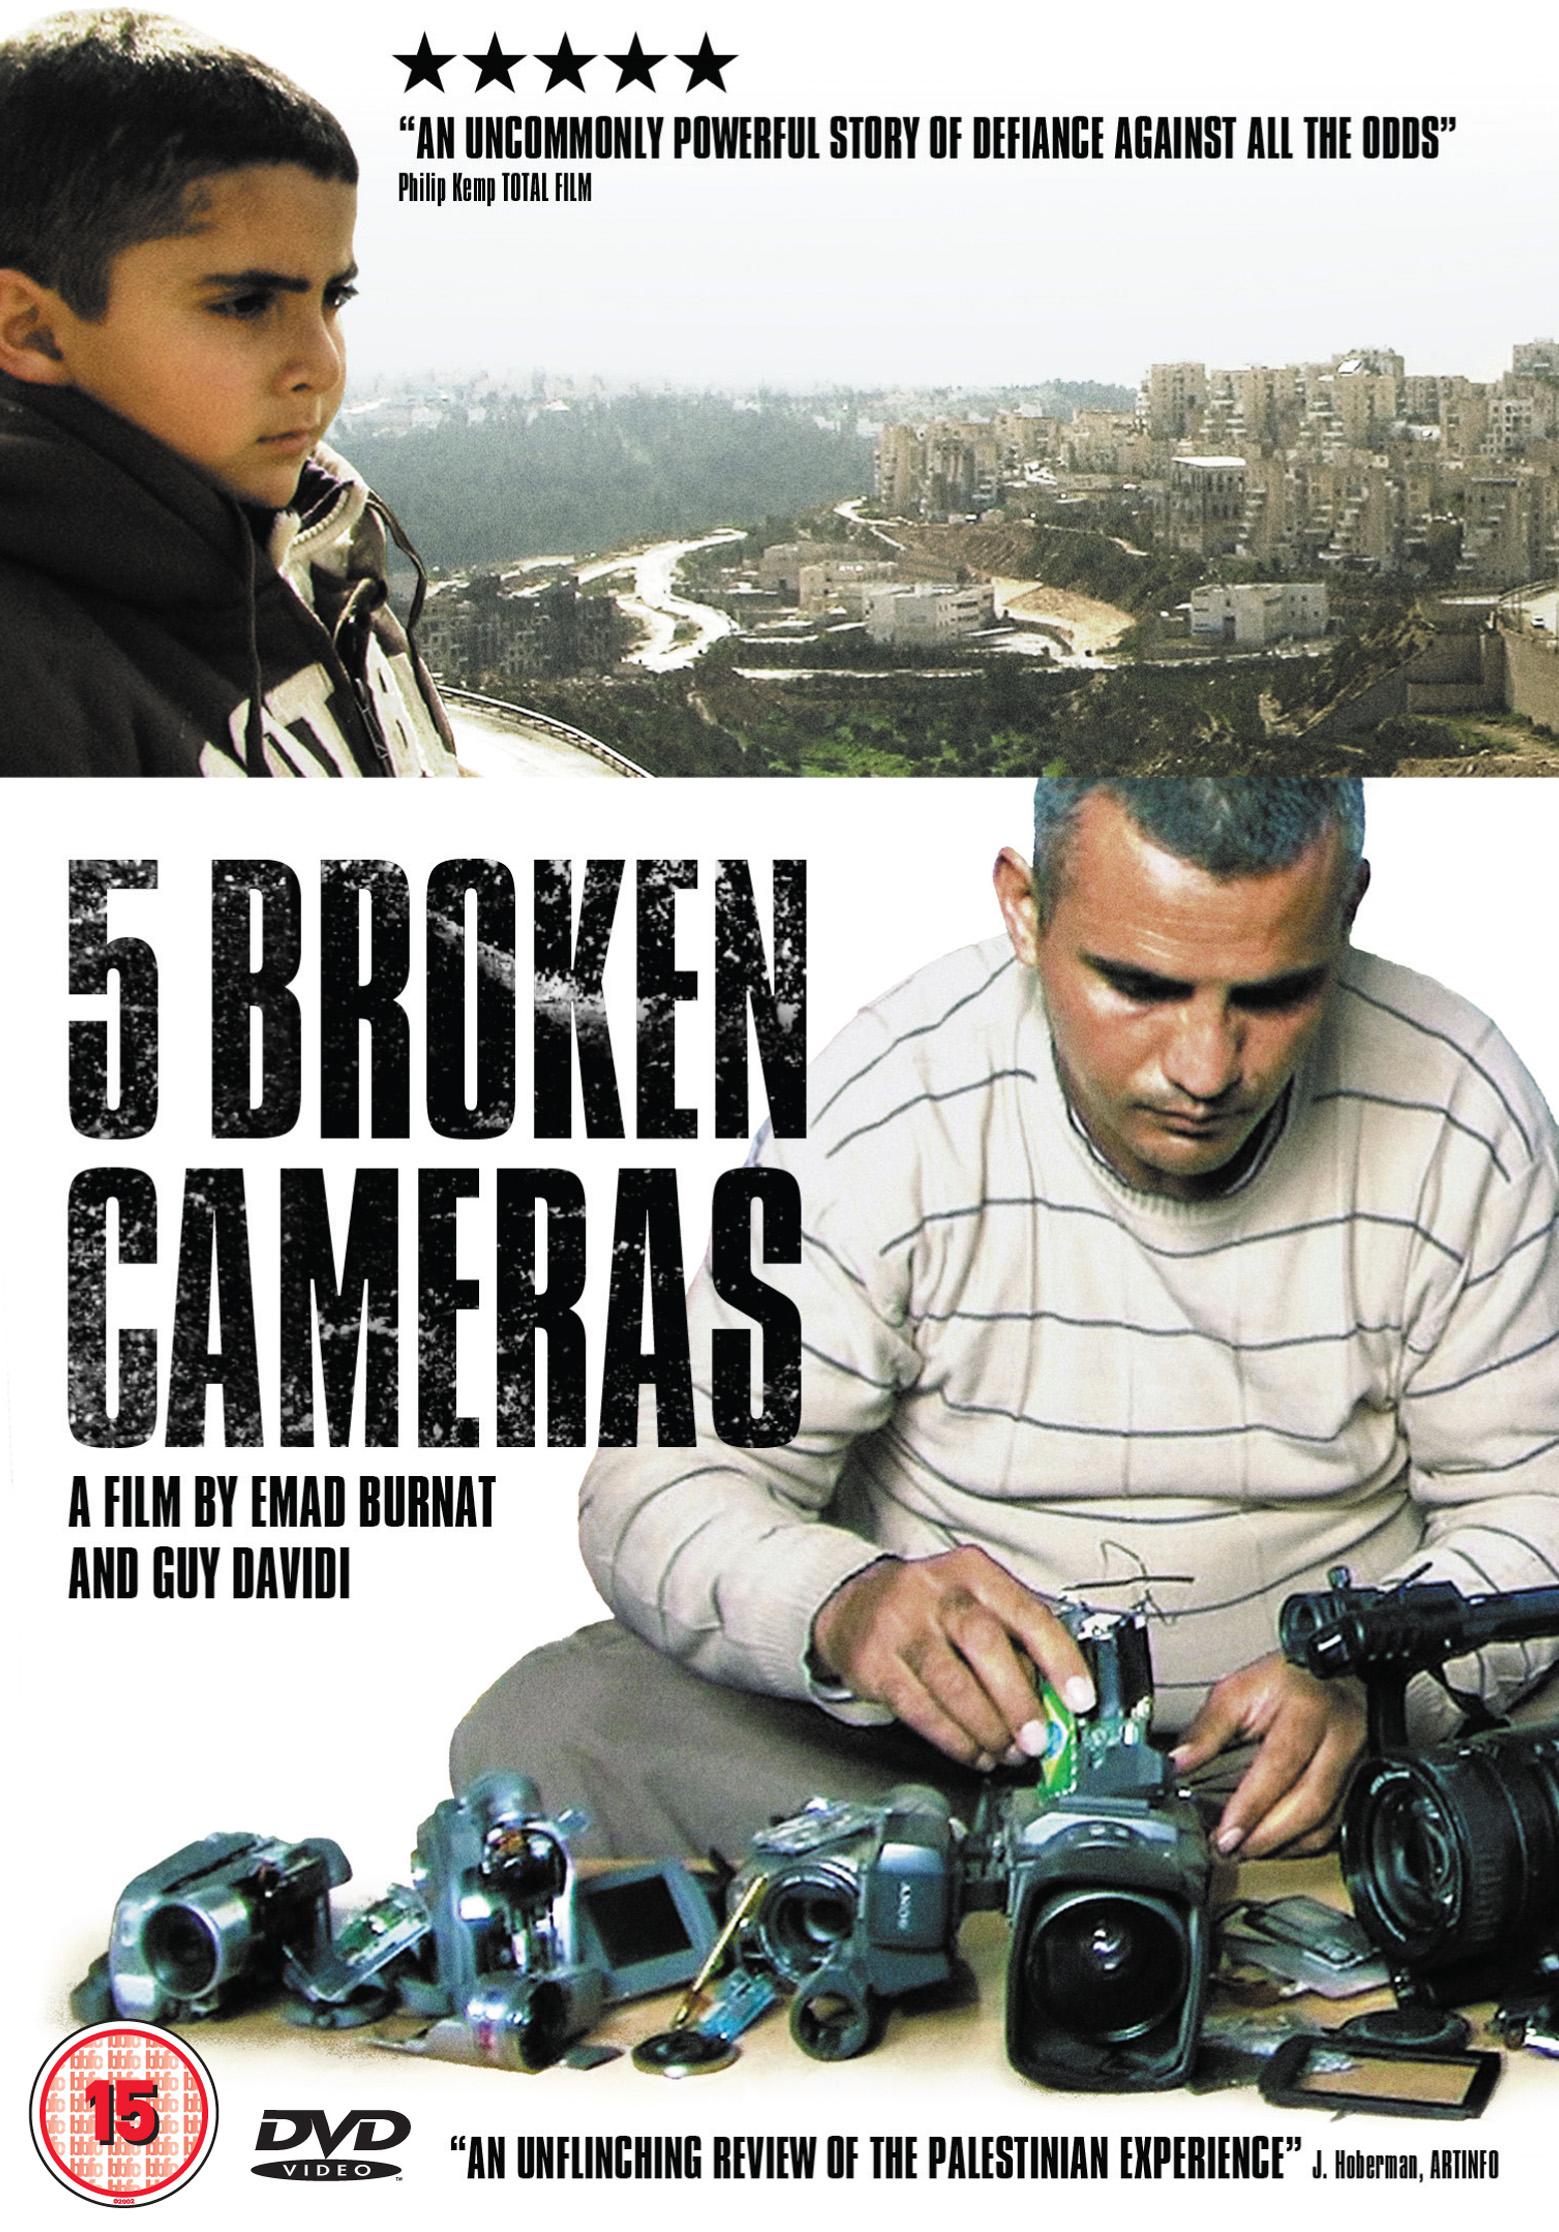 http://www.newwavefilms.co.uk/assets/directory/88/5_Broken_Cameras_2D_DVD.jpg